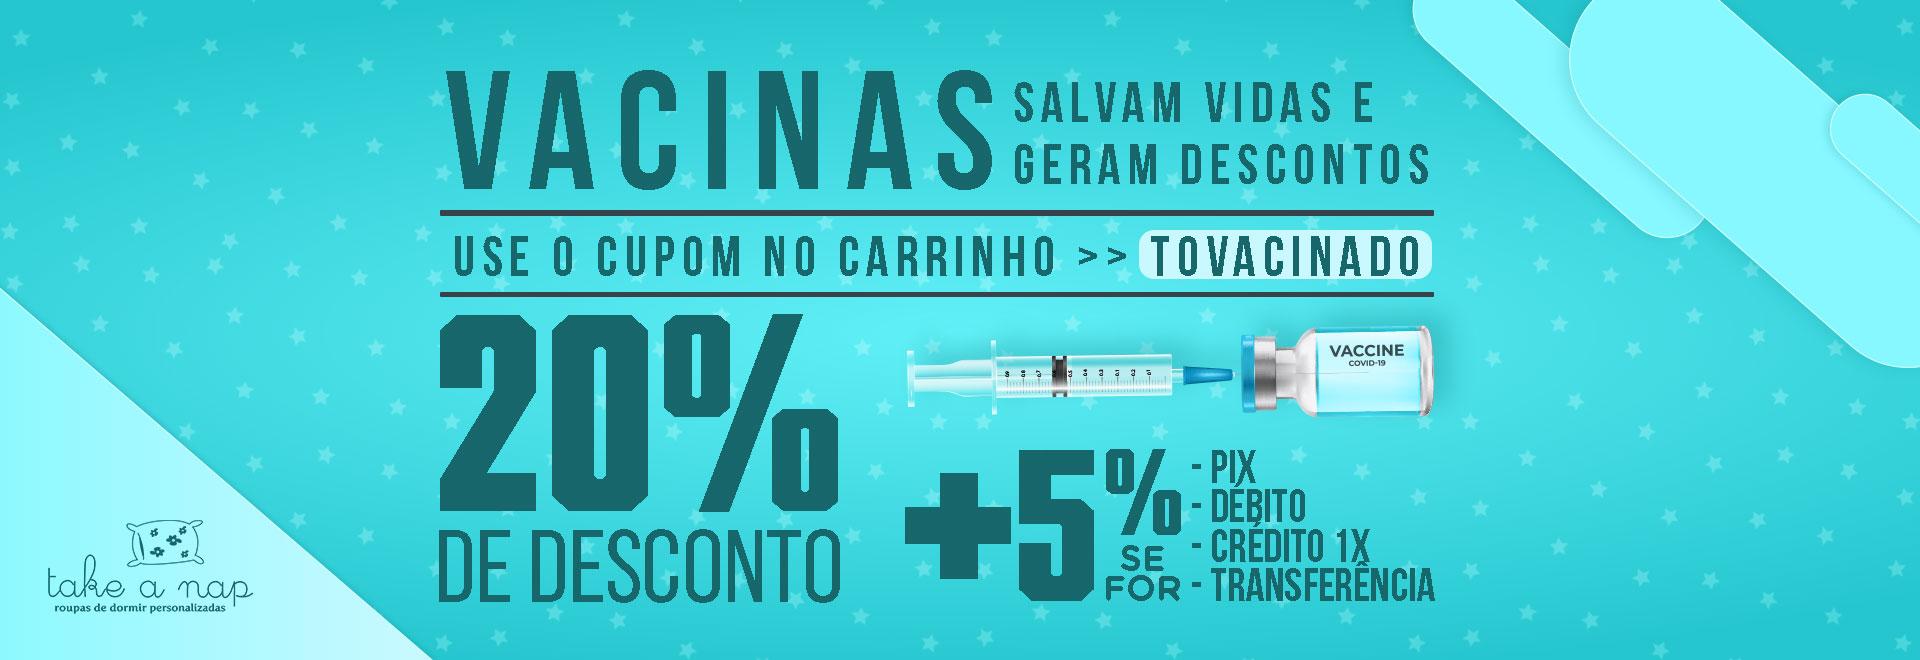 vacinados ganham desconto